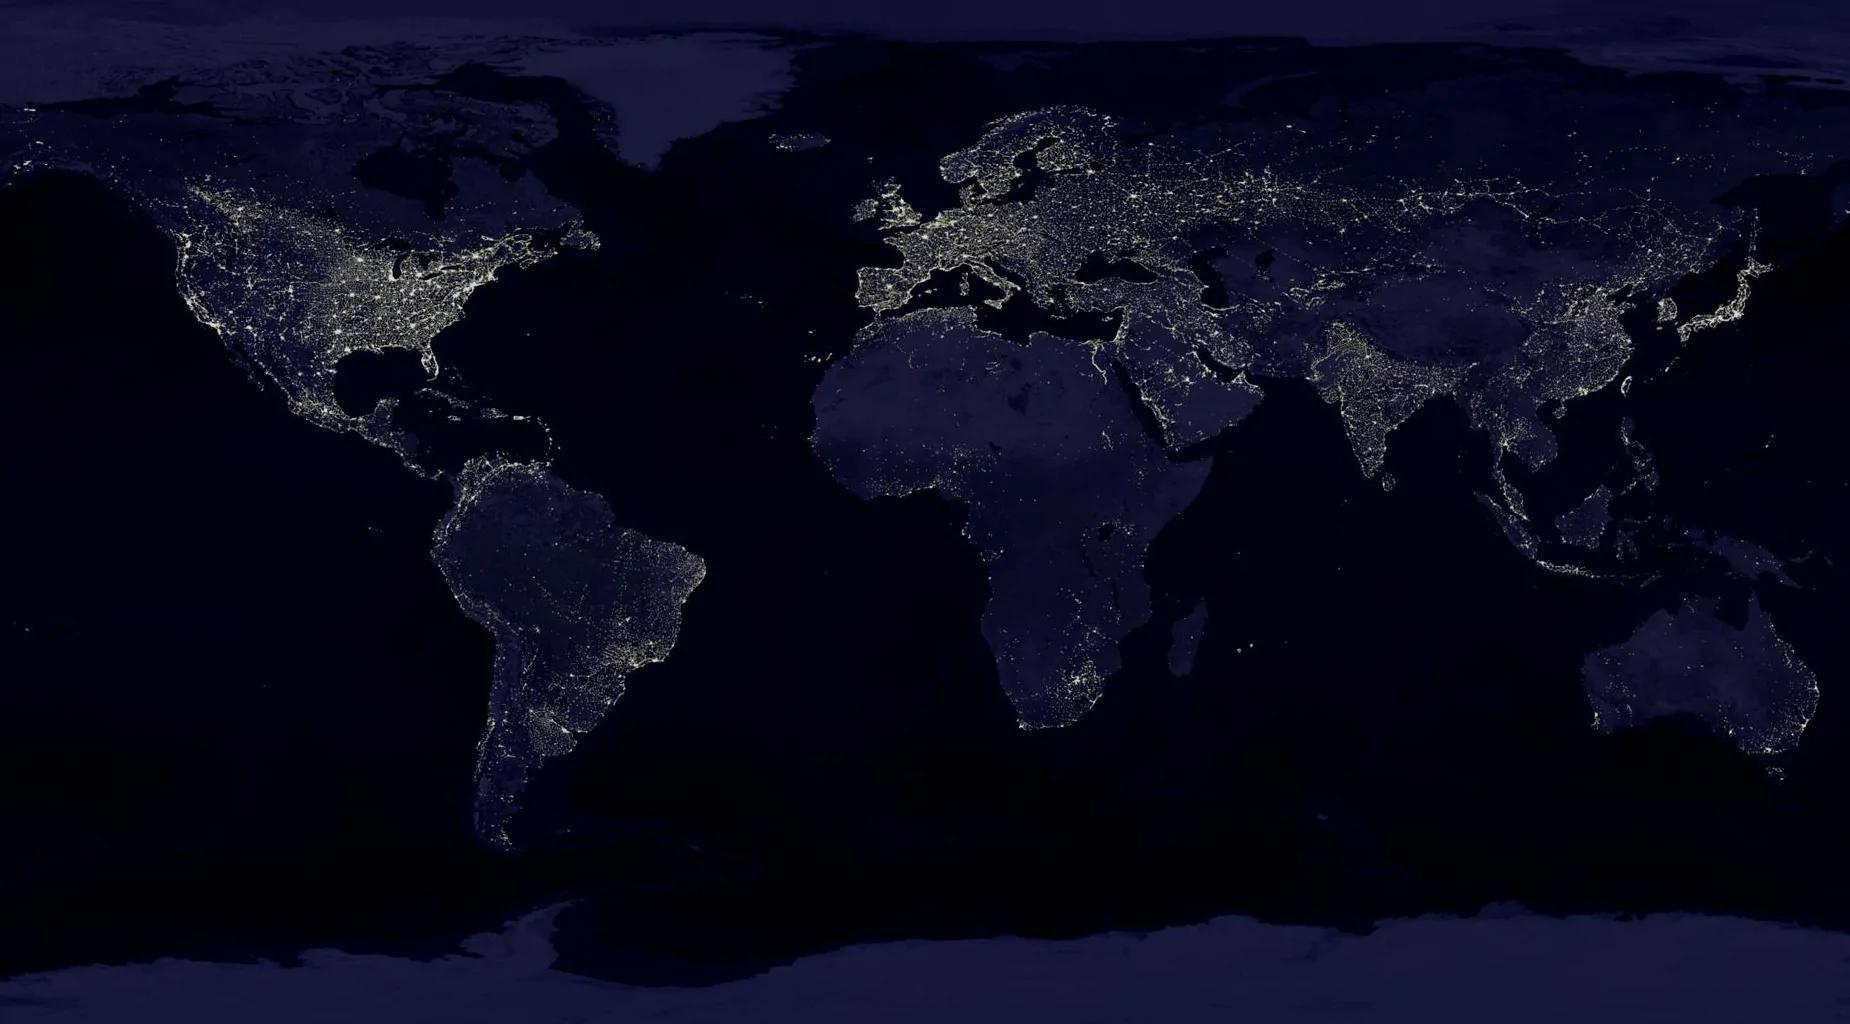 外媒:用卫星监测可明显看出地球在被什么驱动